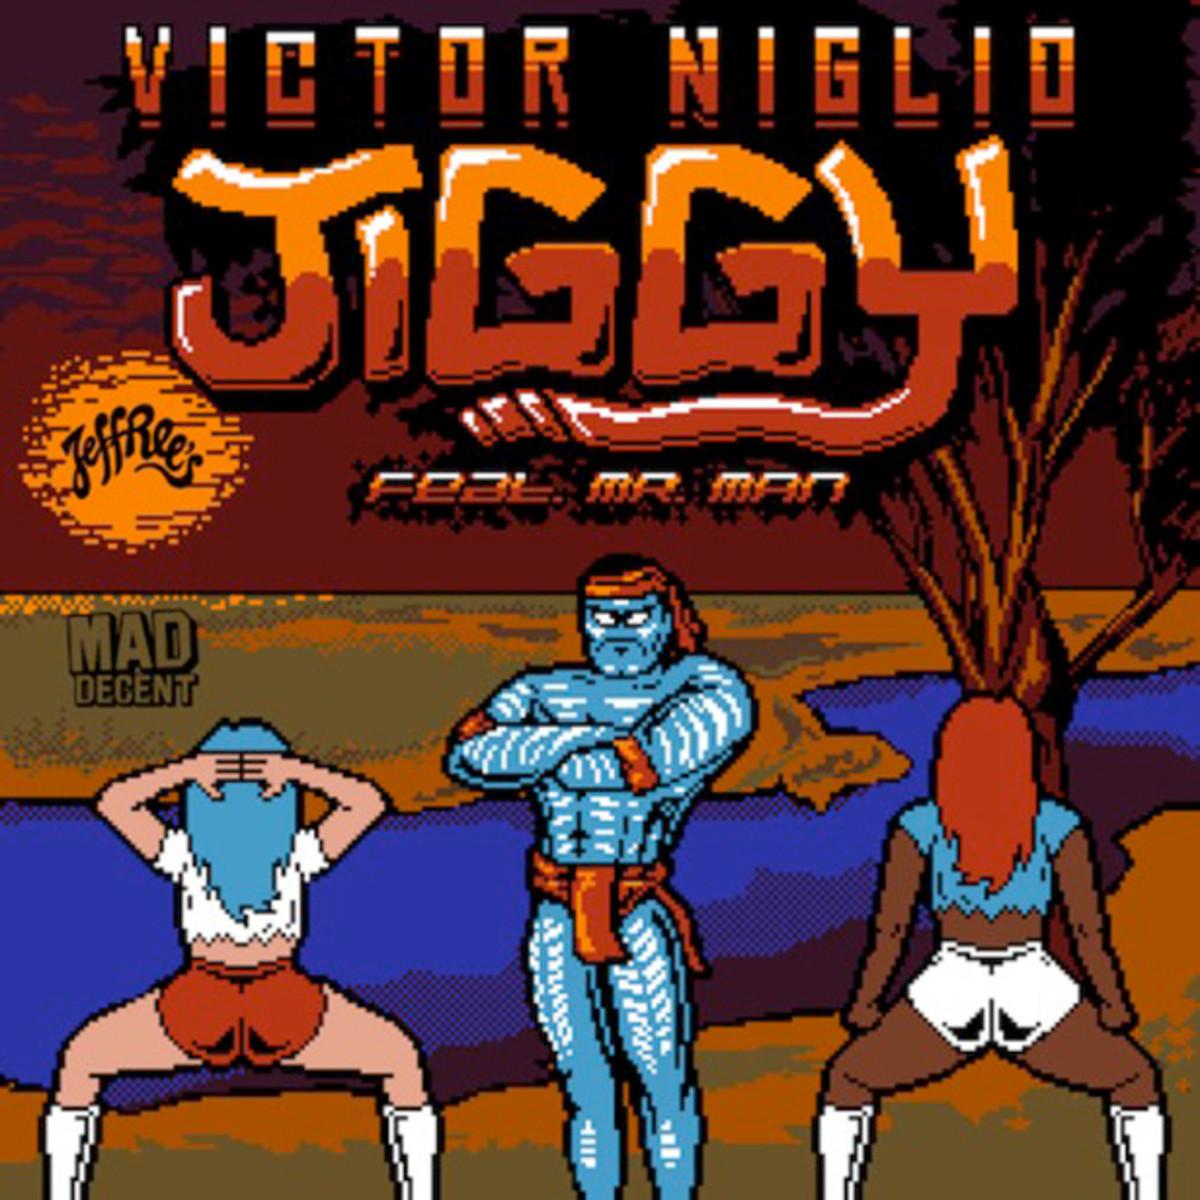 """EDM Download: Victor Niglio's """"Jiggy"""" Feat. Mr. Man; File Under 'Twerk Trap'"""